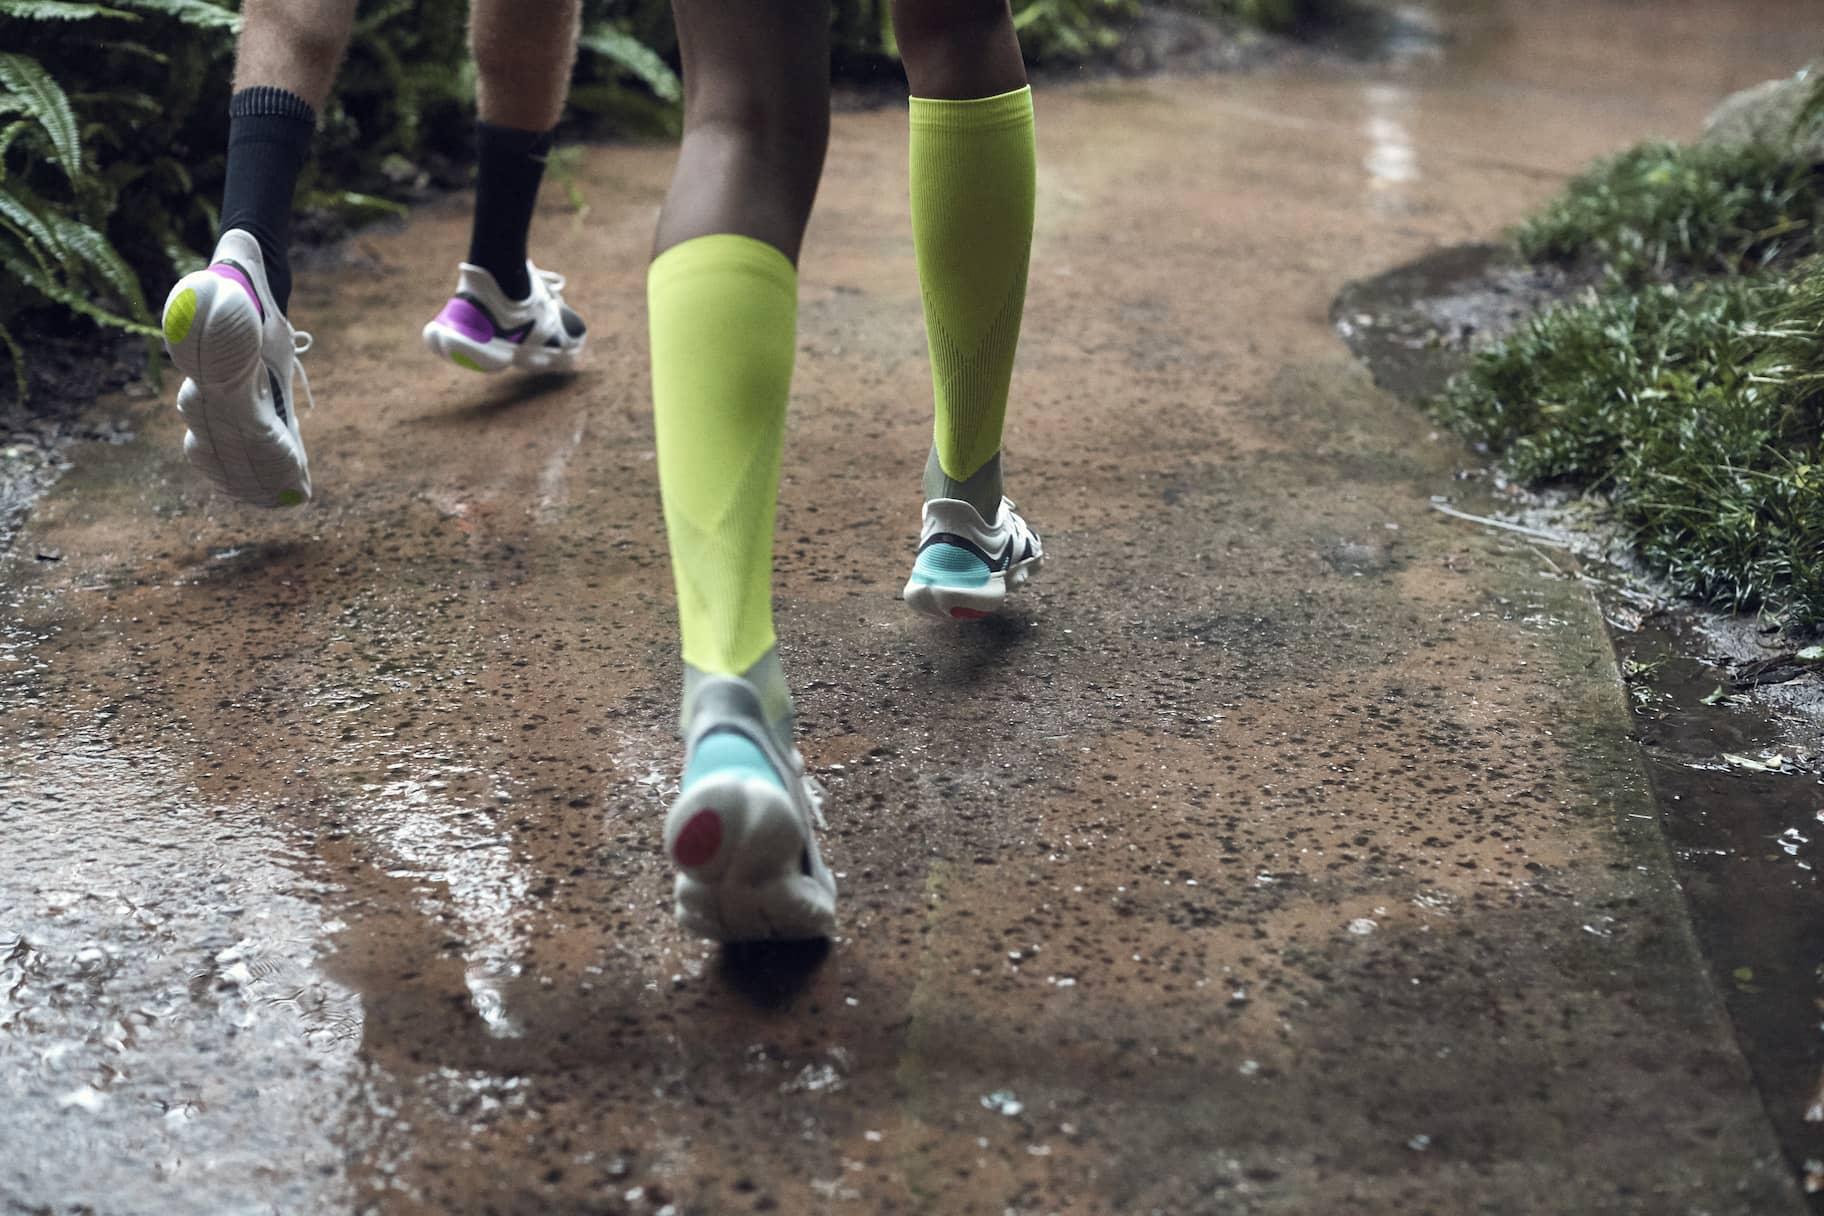 Quelle est la différence entre la stabilité et le contrôle des mouvementsen termes de chaussures de running?